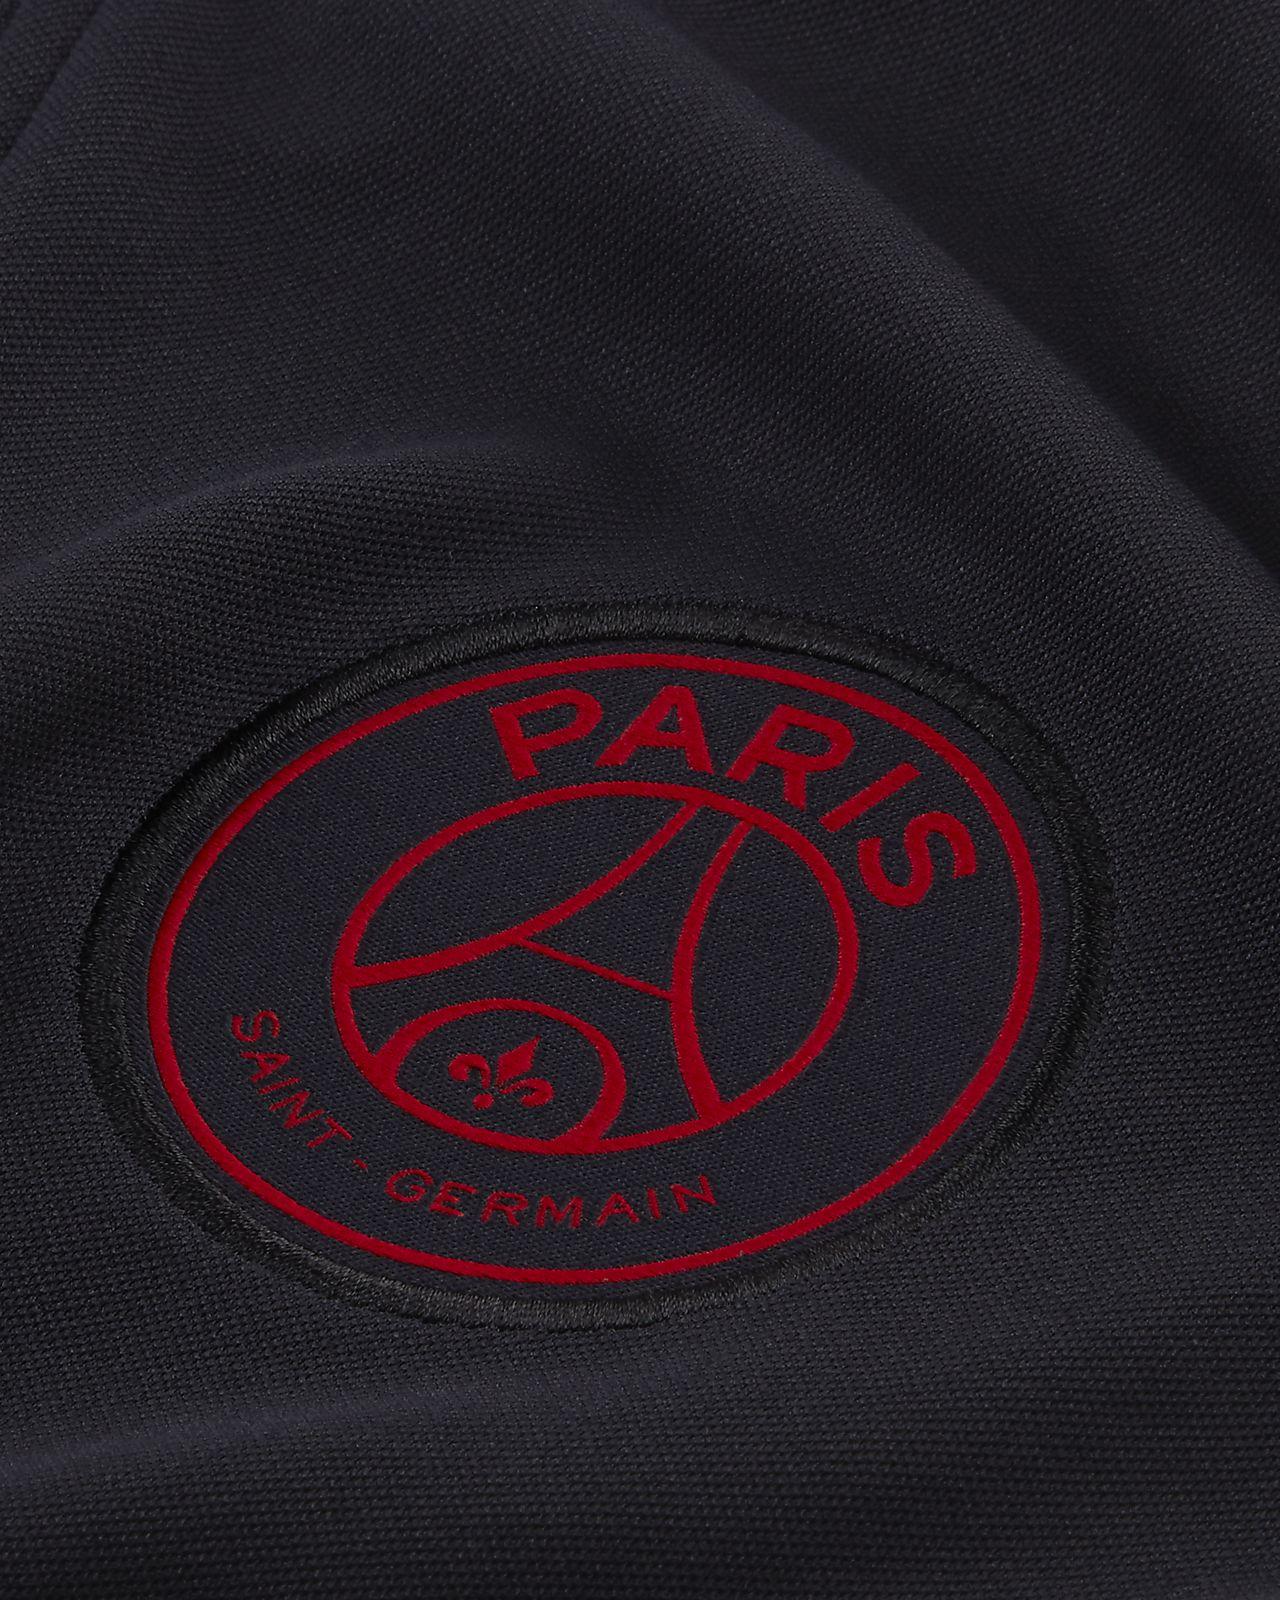 best website c460f 4c1bb Paris Saint-Germain Men's Jacket